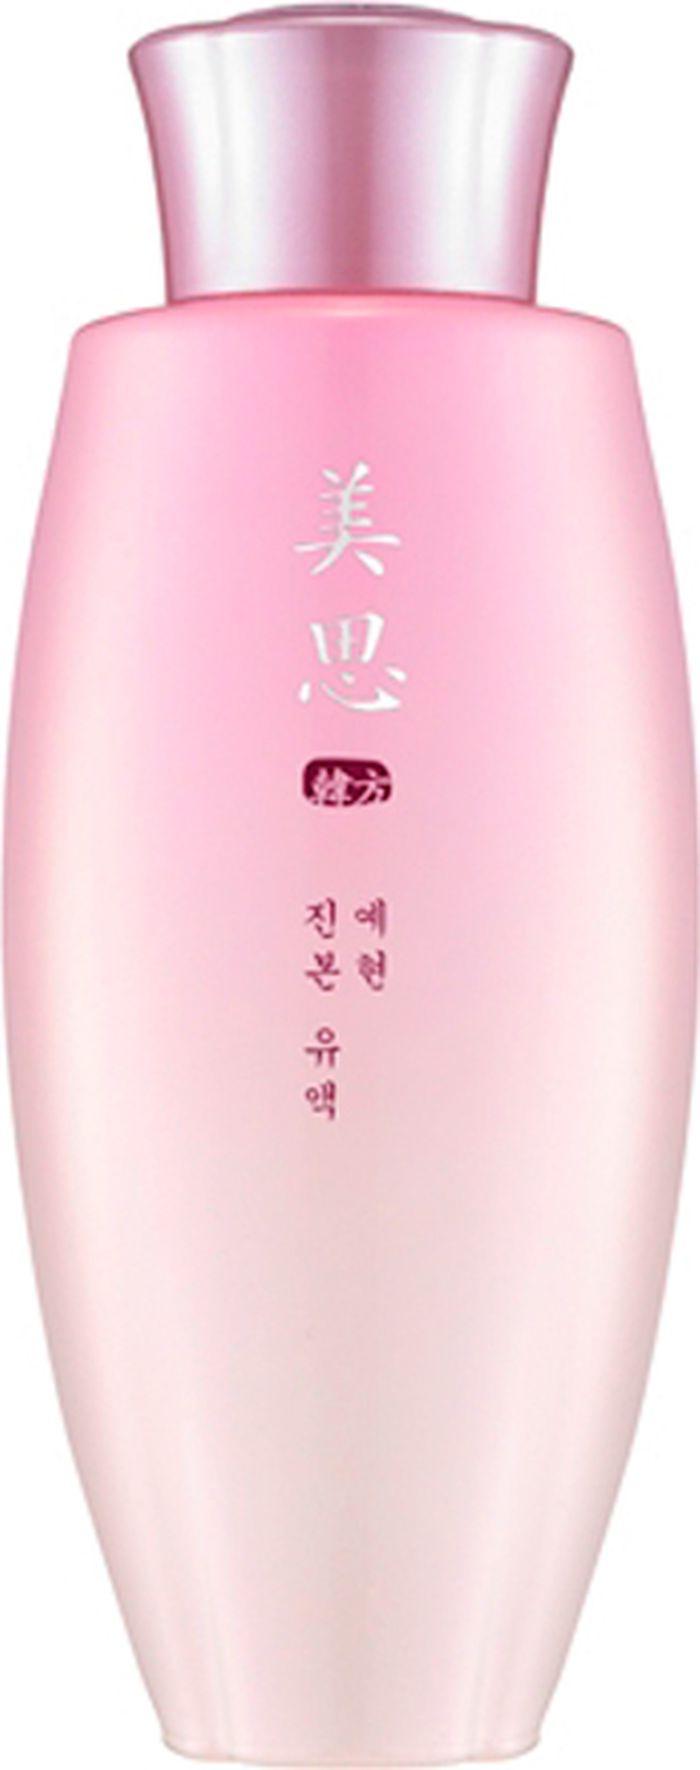 Missha Yei Hyun Emulsion Омолаживающий питательная эмульсия для лица, 140 мл8806185754897Эмульсия для лица Yei Hyun Emulsion от корейского бренда Missha обеспечивает омоложение, питание и увлажнение кожи Средство имеет освежающую легкую текстуру, повышает эластичность и гладкость кожи, выравнивает ее цвет и рельеф, придает свежести и жизненной силы Эмульсия способствует улучшению кровообращения и ускорению процессов регенерации, повышает защитные свойства эпидермисаЭкстракт женьшеня обладает омолаживающими и тонизирующими свойствами, разглаживает морщины, способствует выработке коллагена Экстракт сосны Тунберга питает кожу, делает ее более упругой, улучшает микроциркуляцию крови Экстракт рехмании оказывает увлажняющее и омолаживающее воздействия